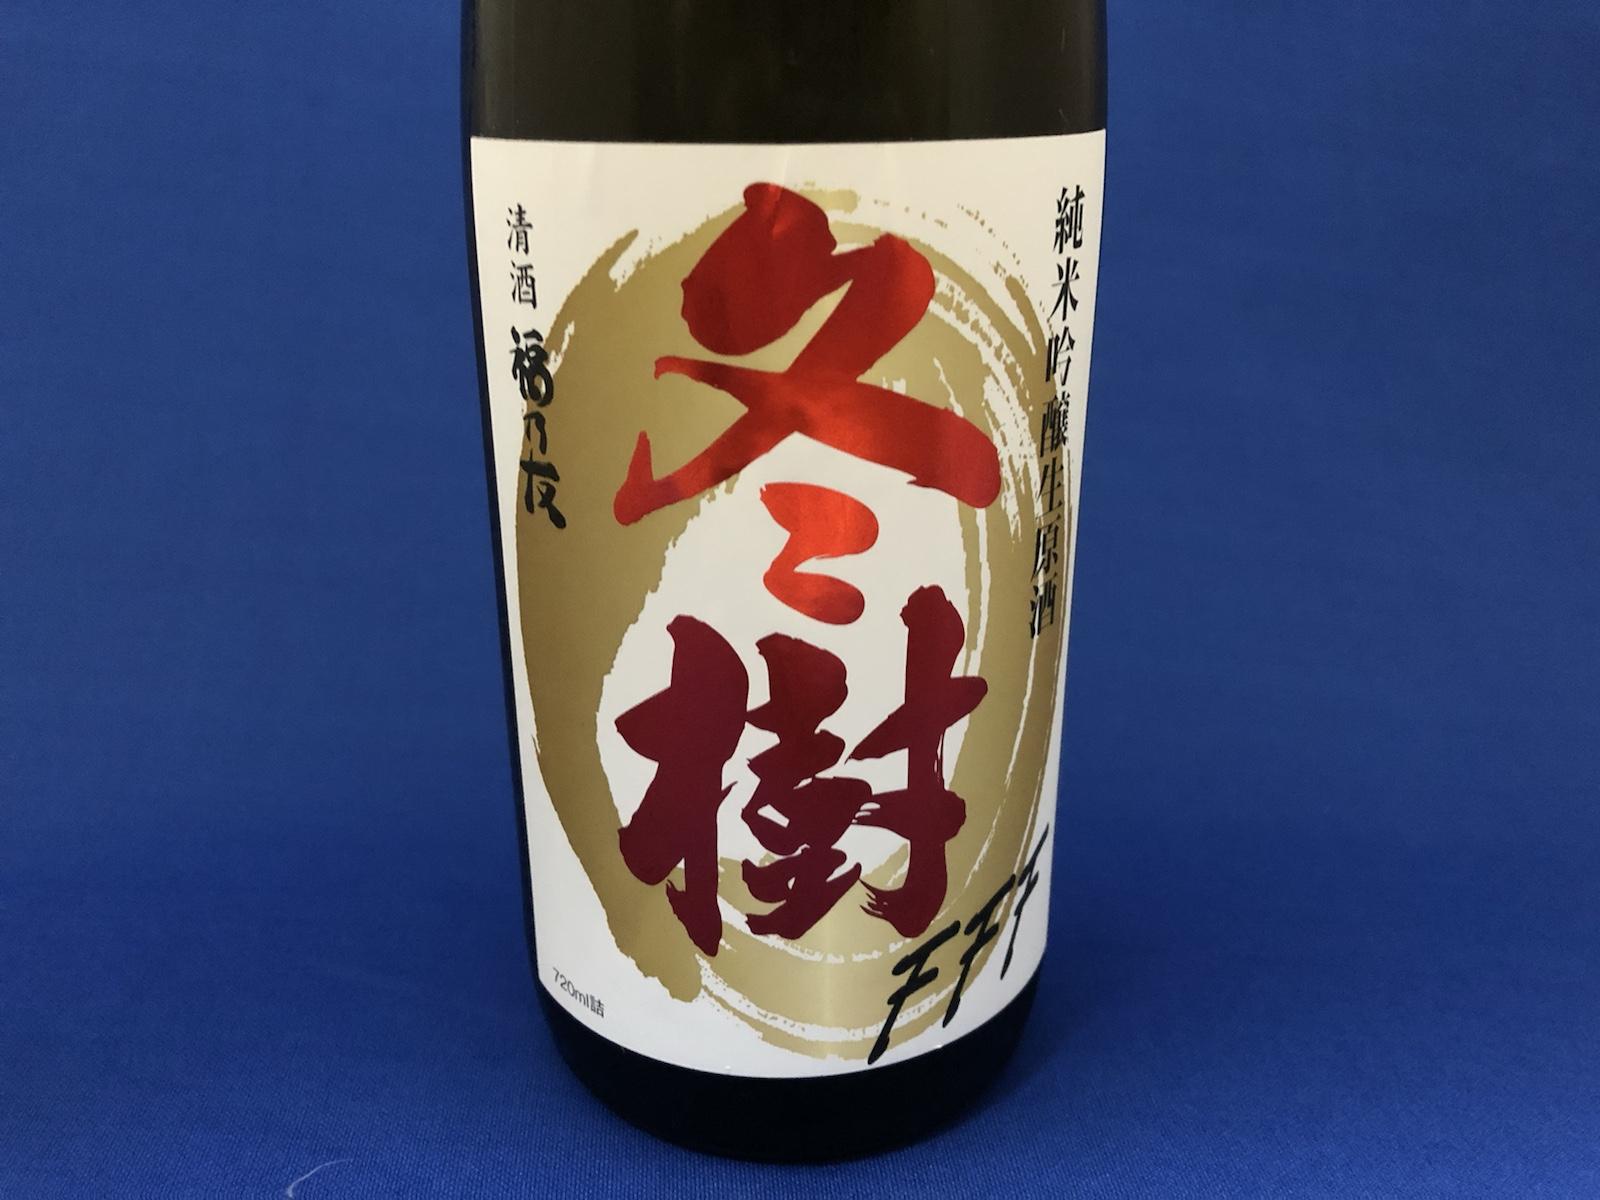 ワイングラスで美味しい日本酒2019金賞!その名も「冬樹」